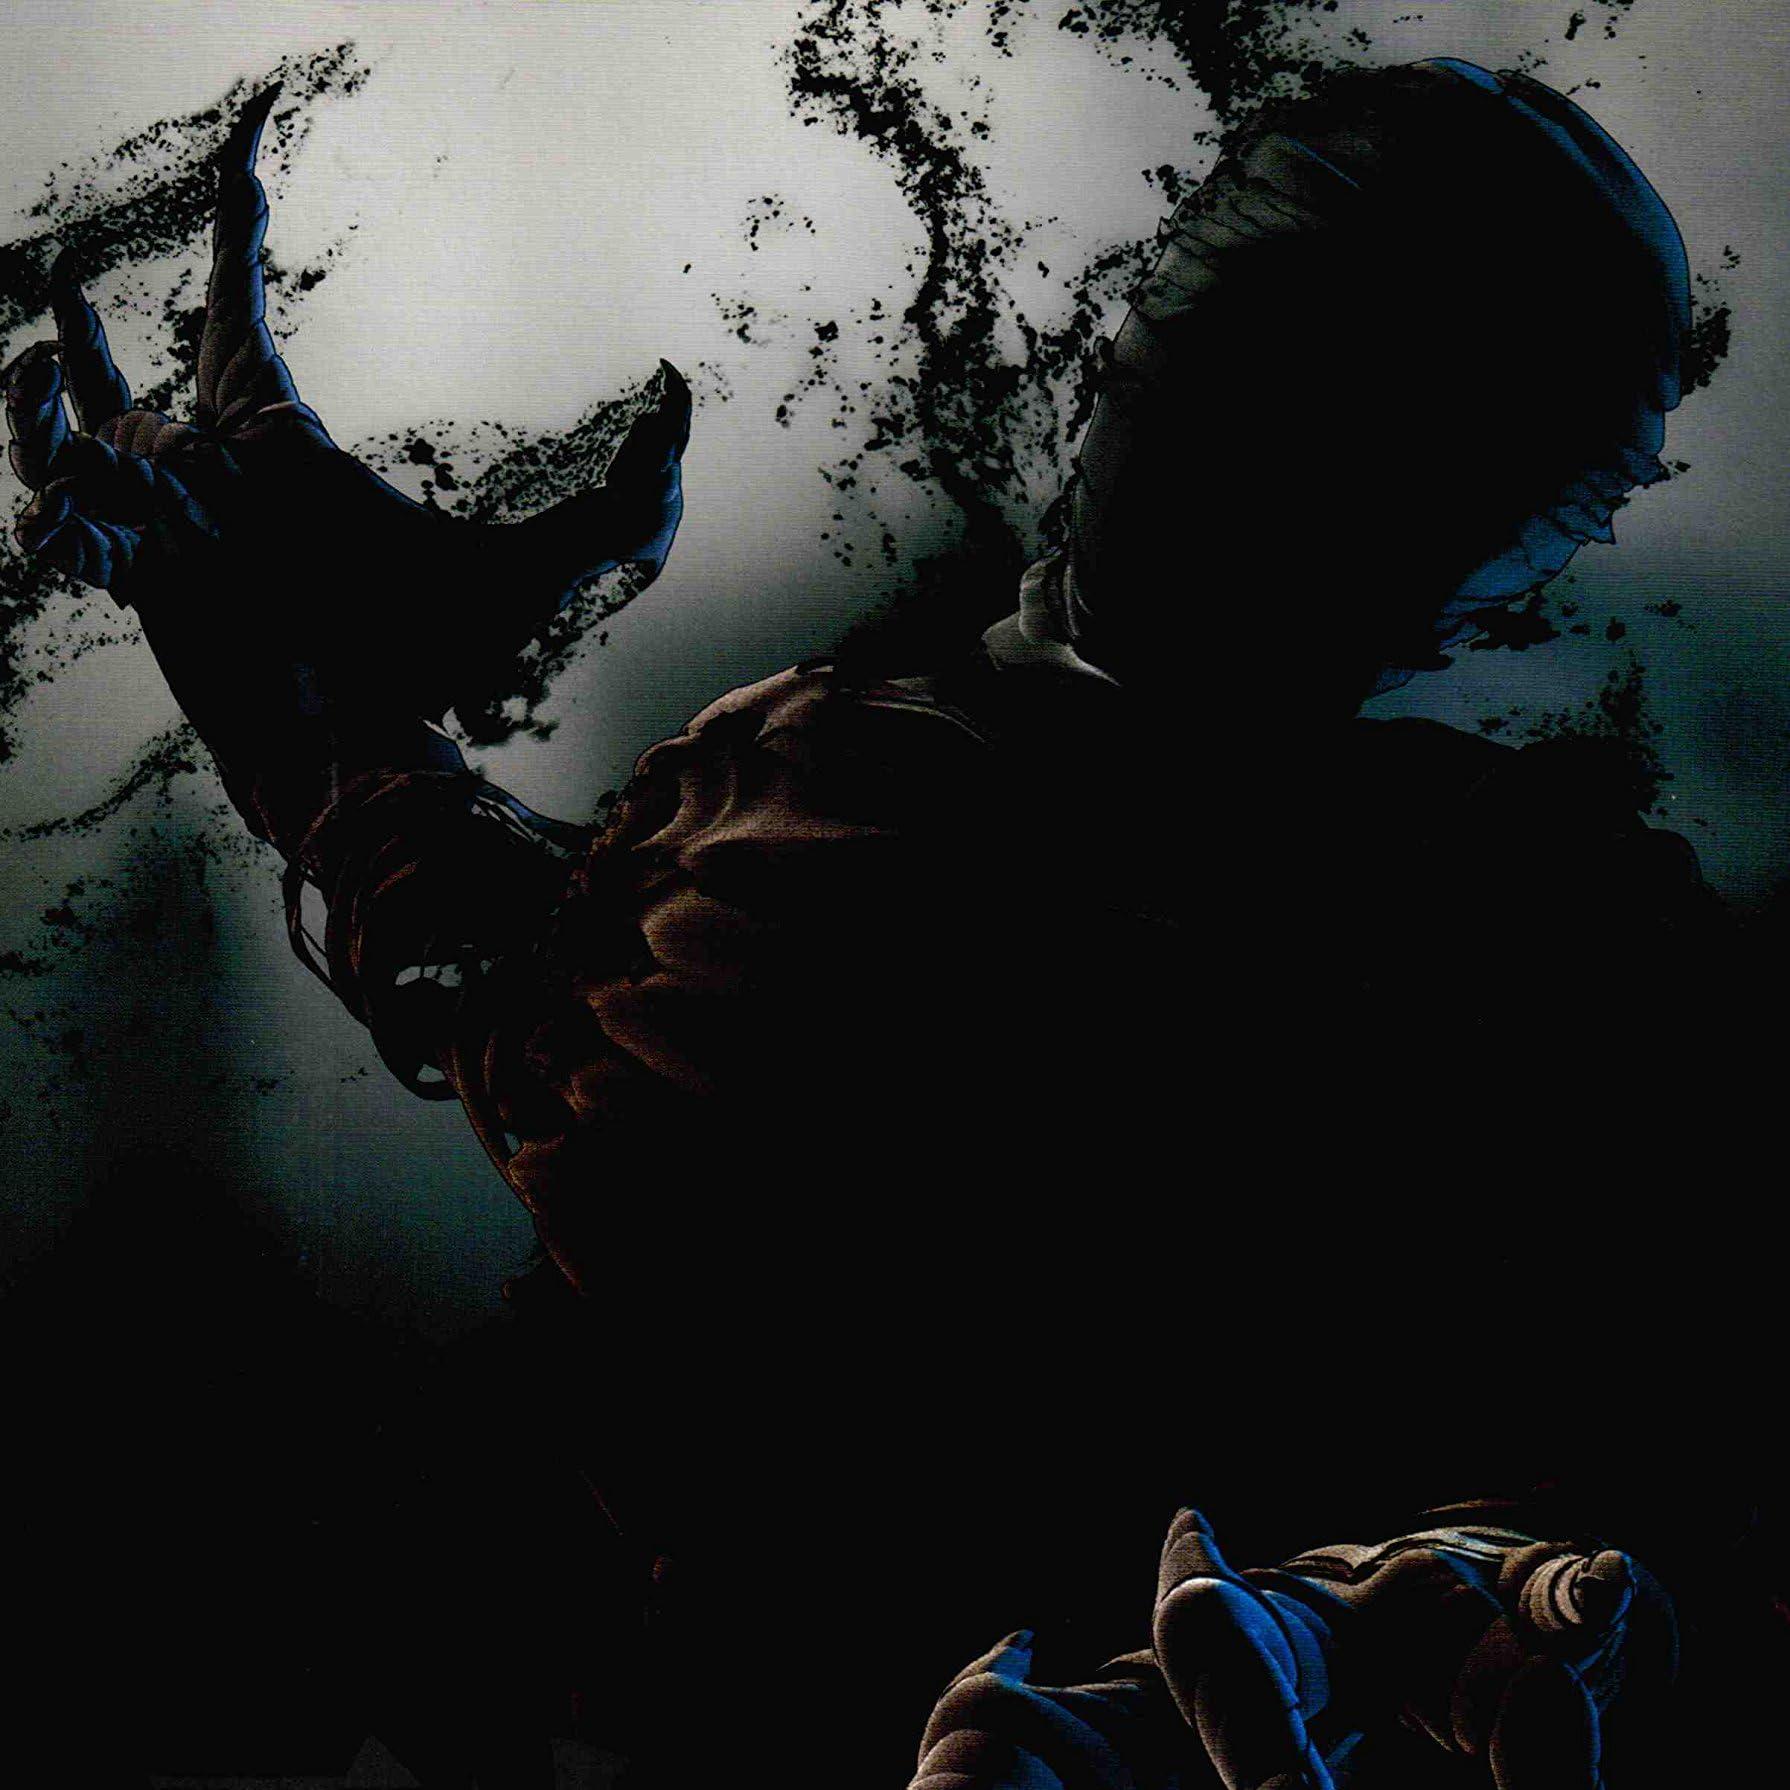 黒い幽霊の亜人の壁紙